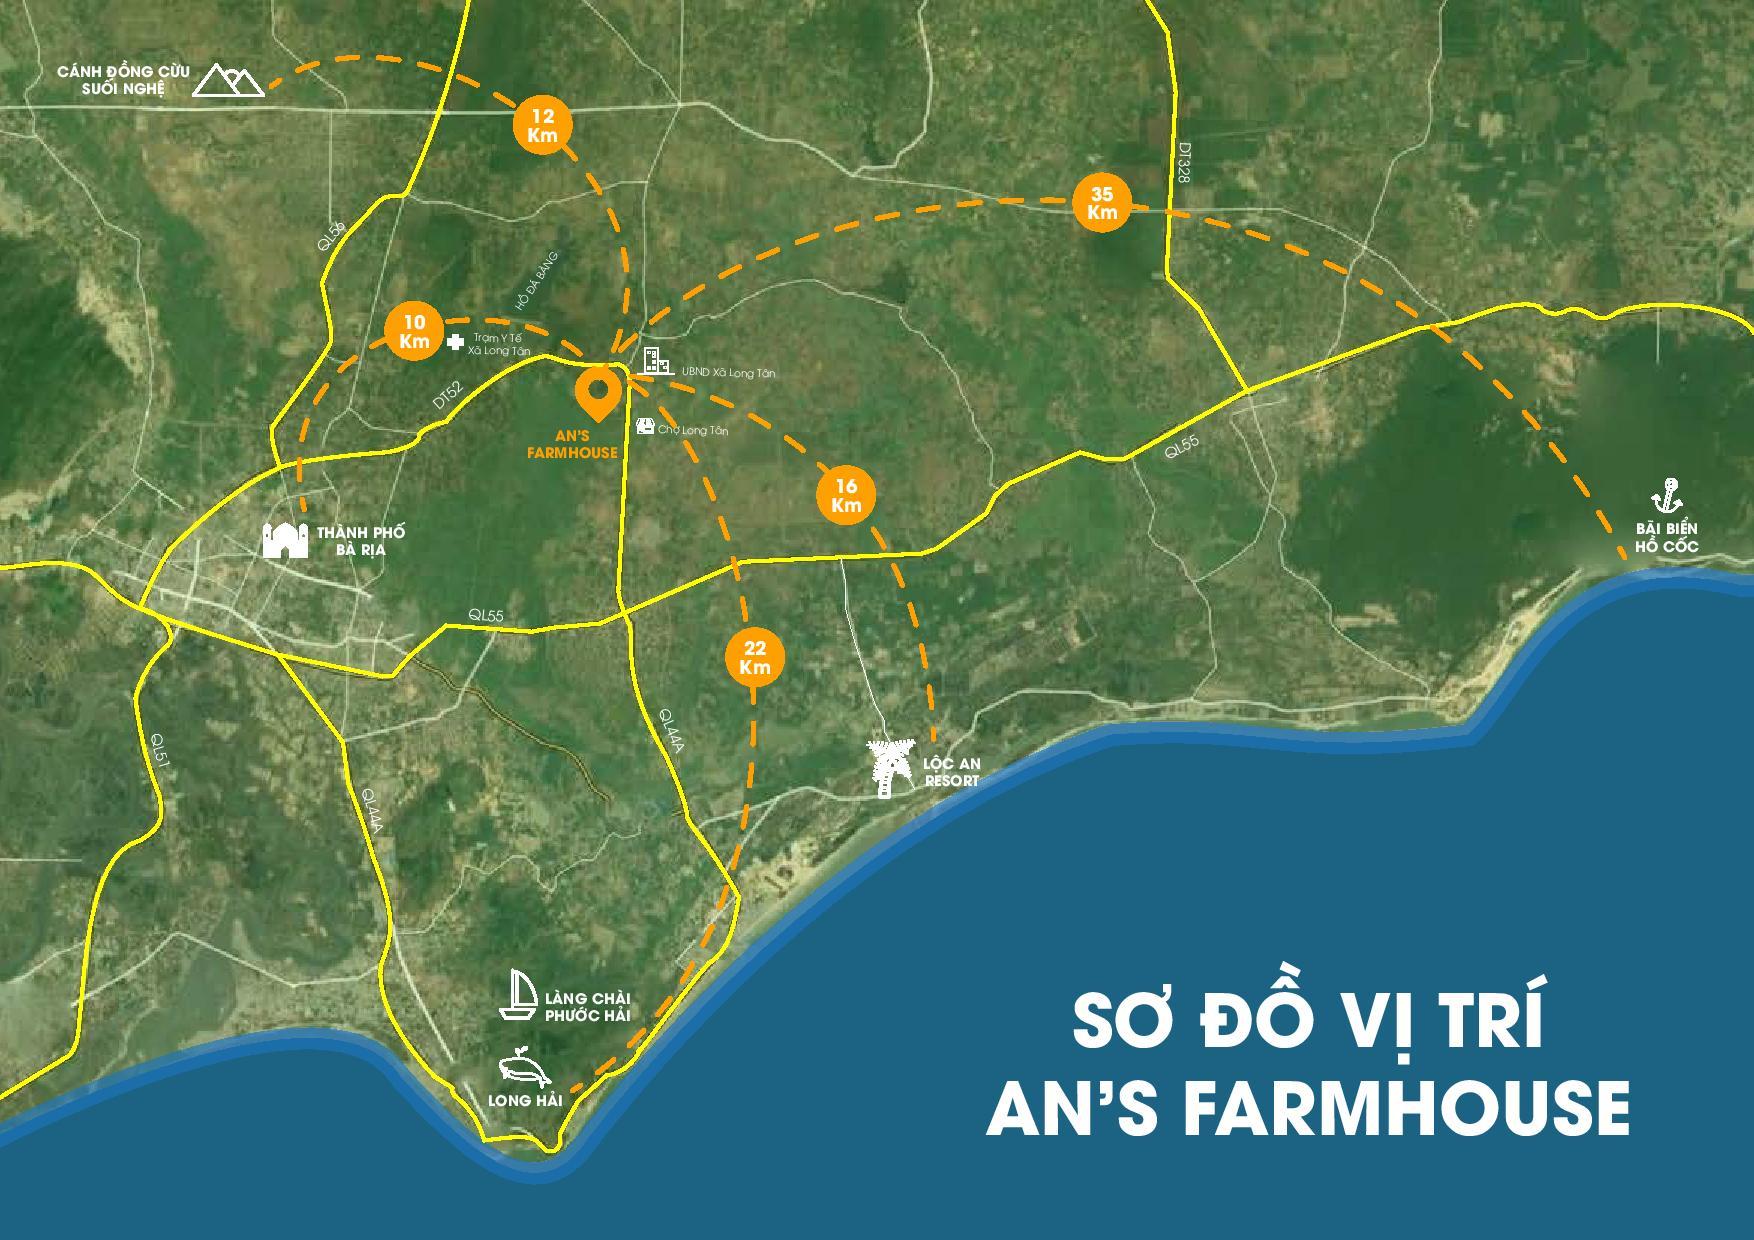 Sơ đồ vị trí dự án An's Farmhouse